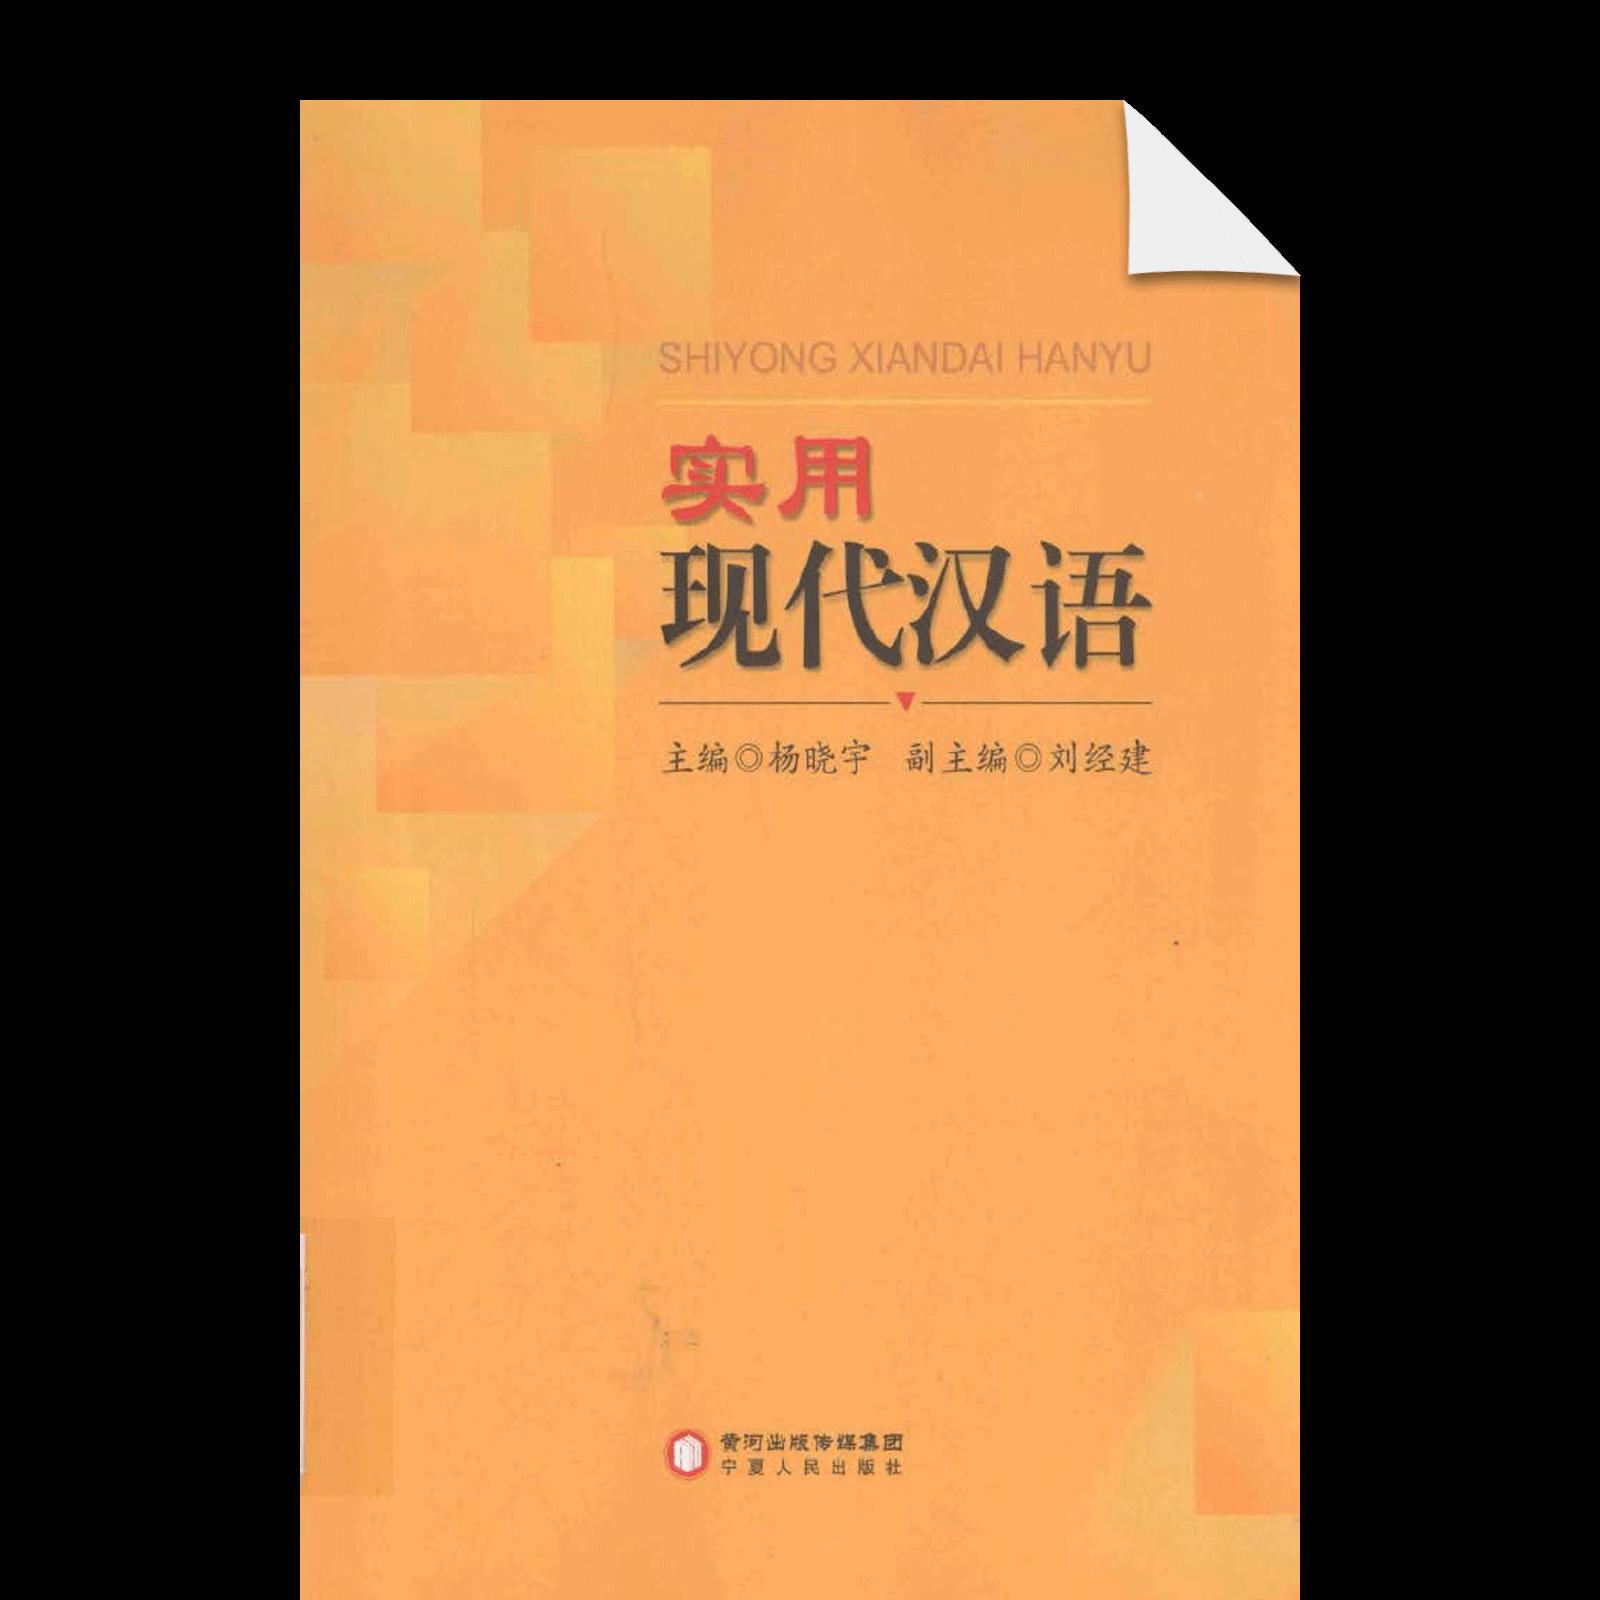 Shiyong Xiandai Hanyu